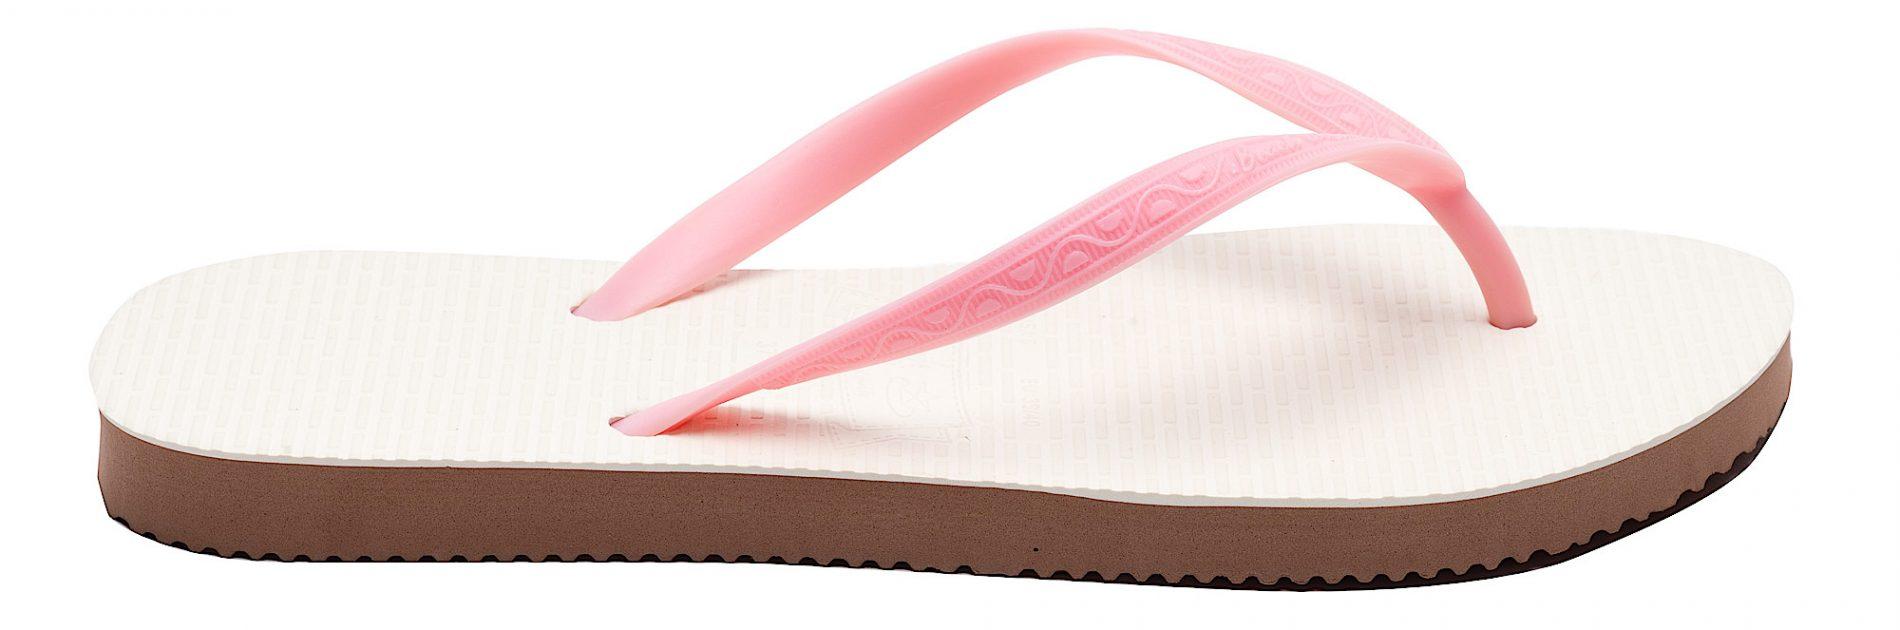 Tong modèle Aruba rose bubble gum. Vue de profil